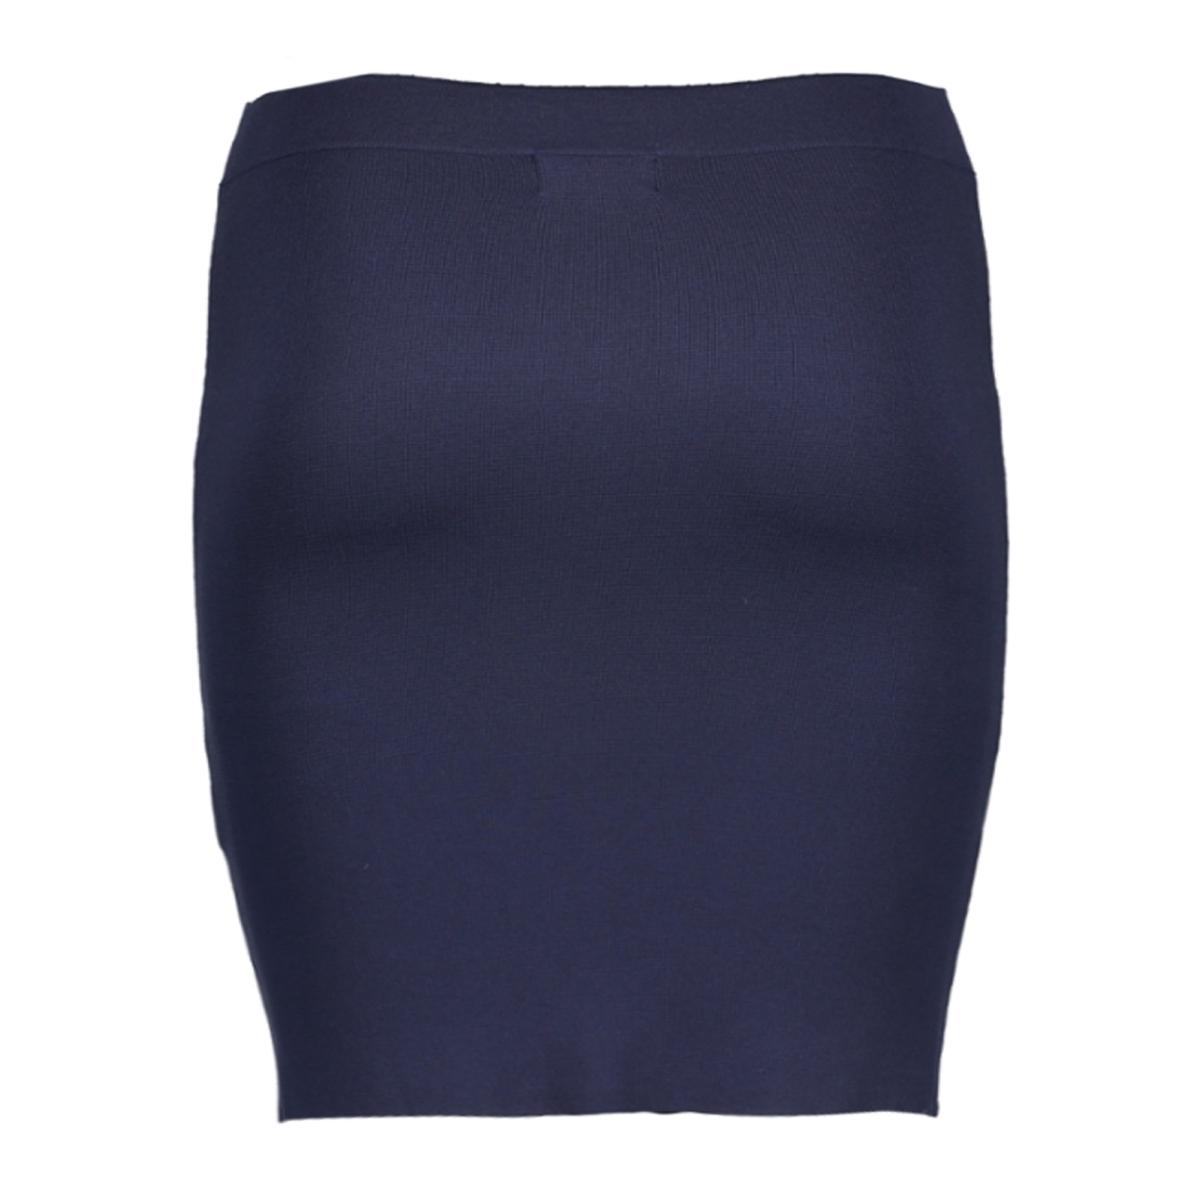 onlbecky lisa l/s skirt knt only rok sky captain